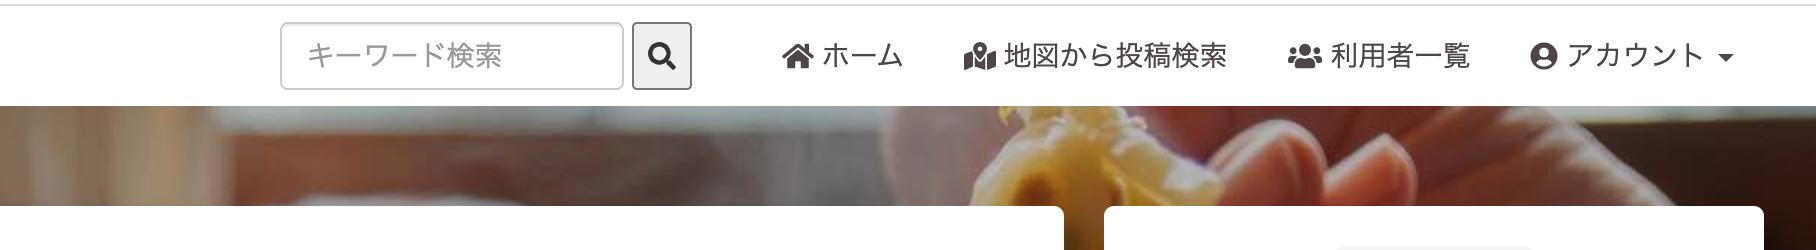 スクリーンショット 2020-09-23 18.54.03.jpg